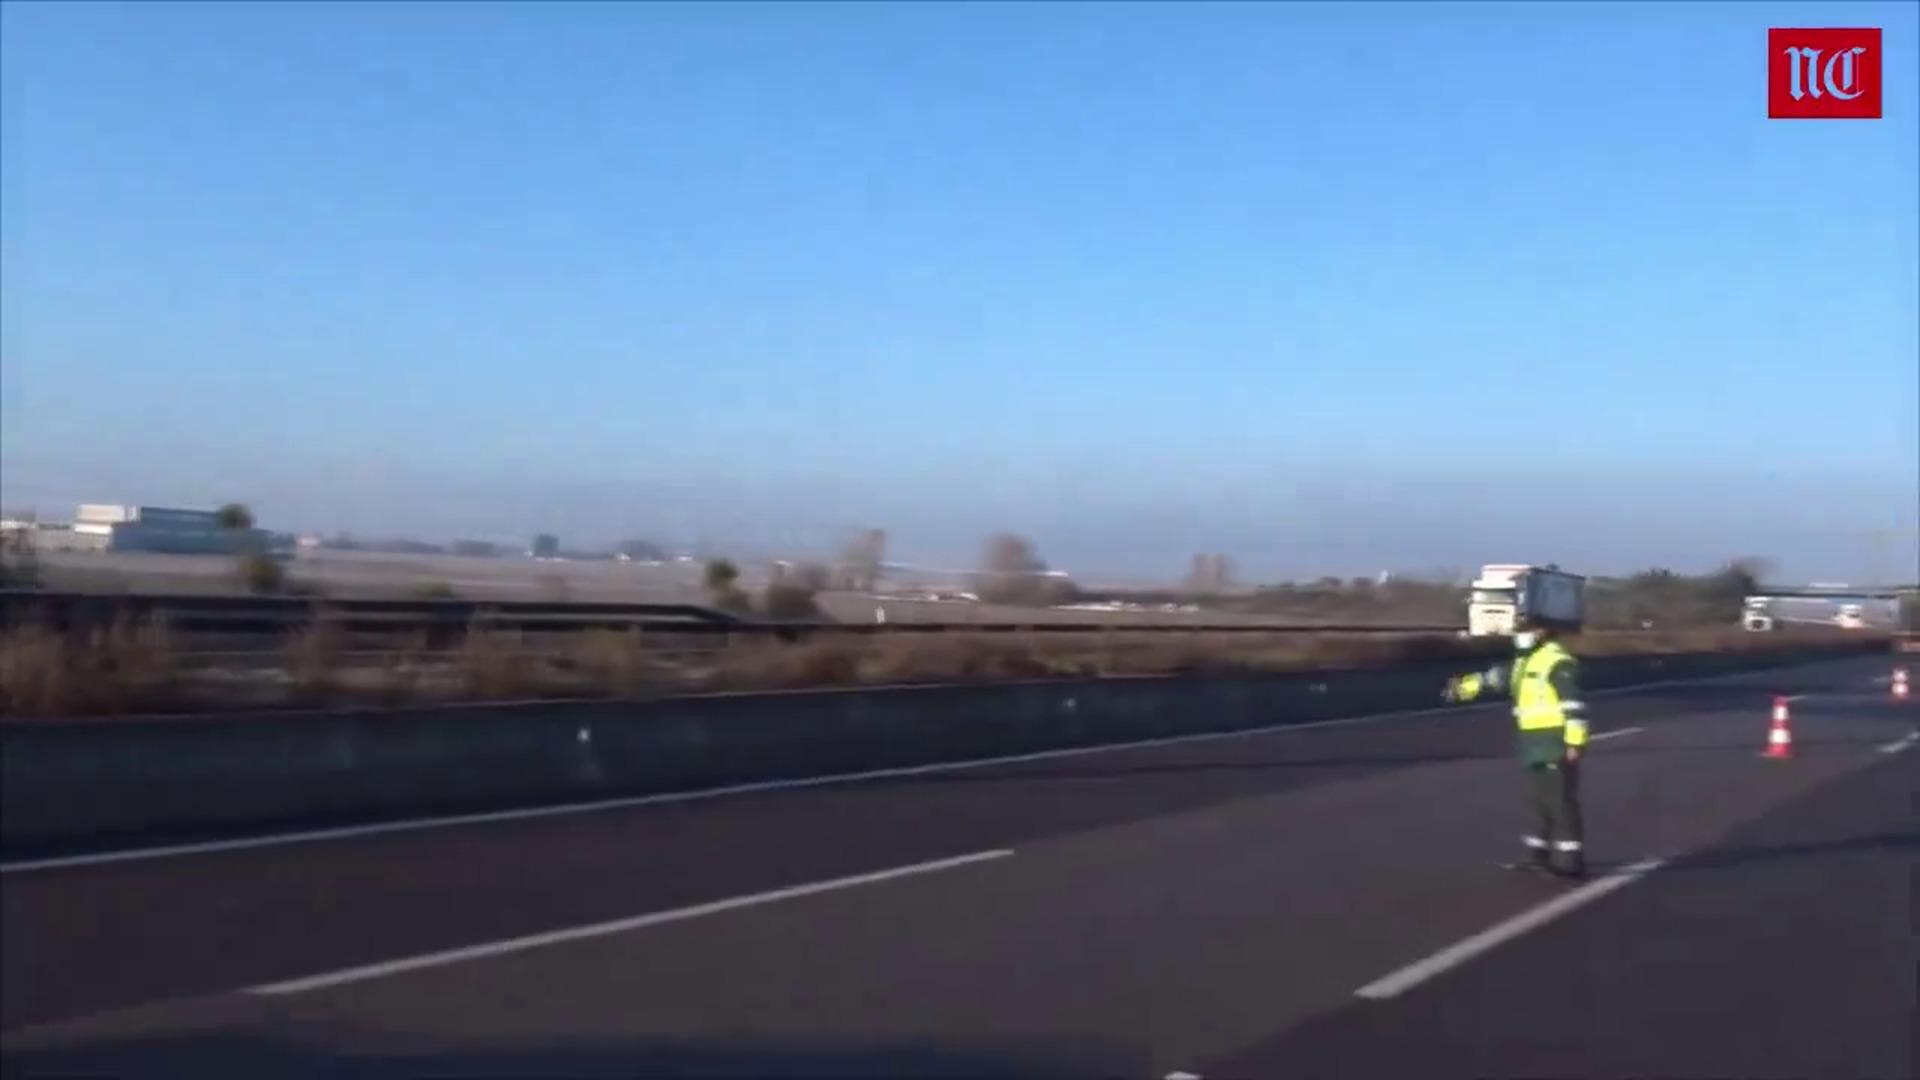 Tres camioneros fallecidos en un accidente de tráfico en Tordesillas